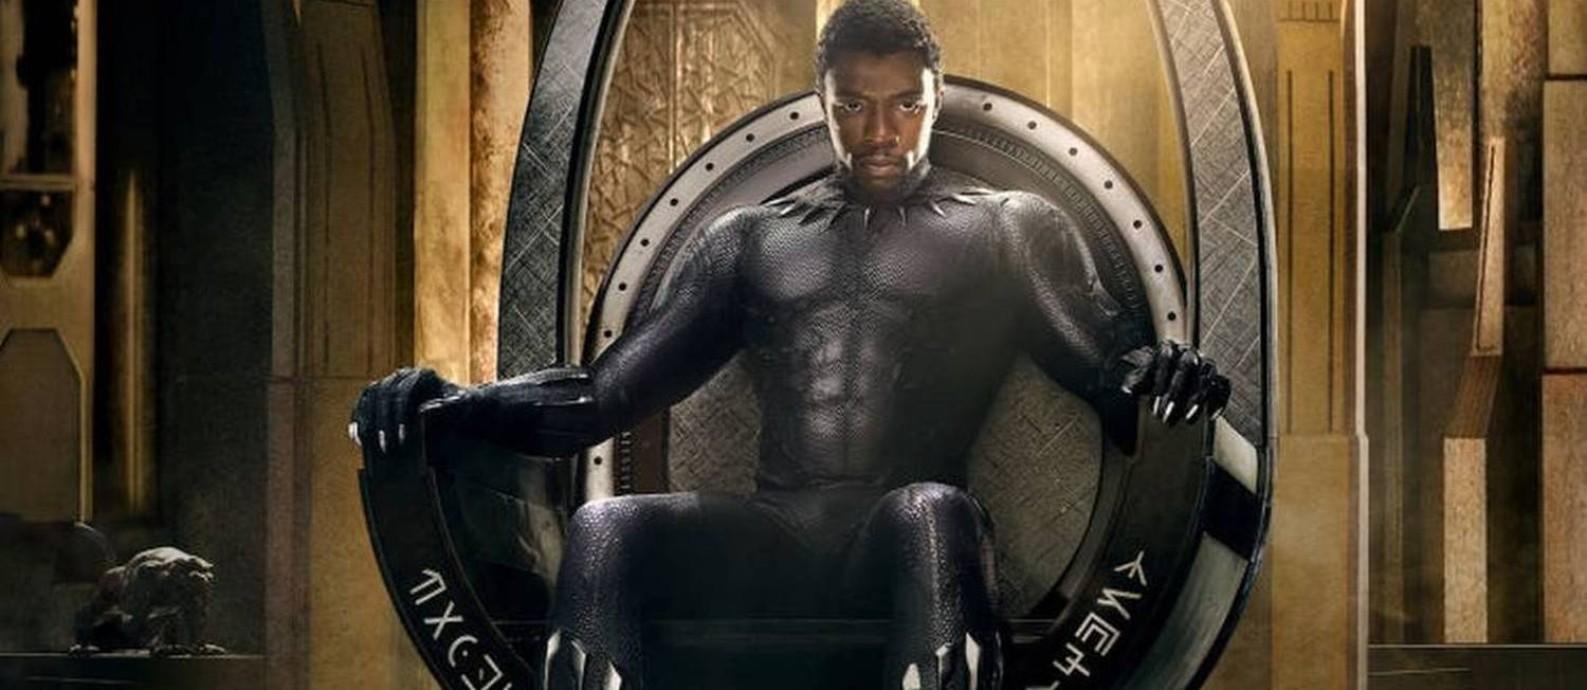 Cena do filme 'Pantera Negra', maior sucesso de Chadwick Boseman Foto: Divulgação